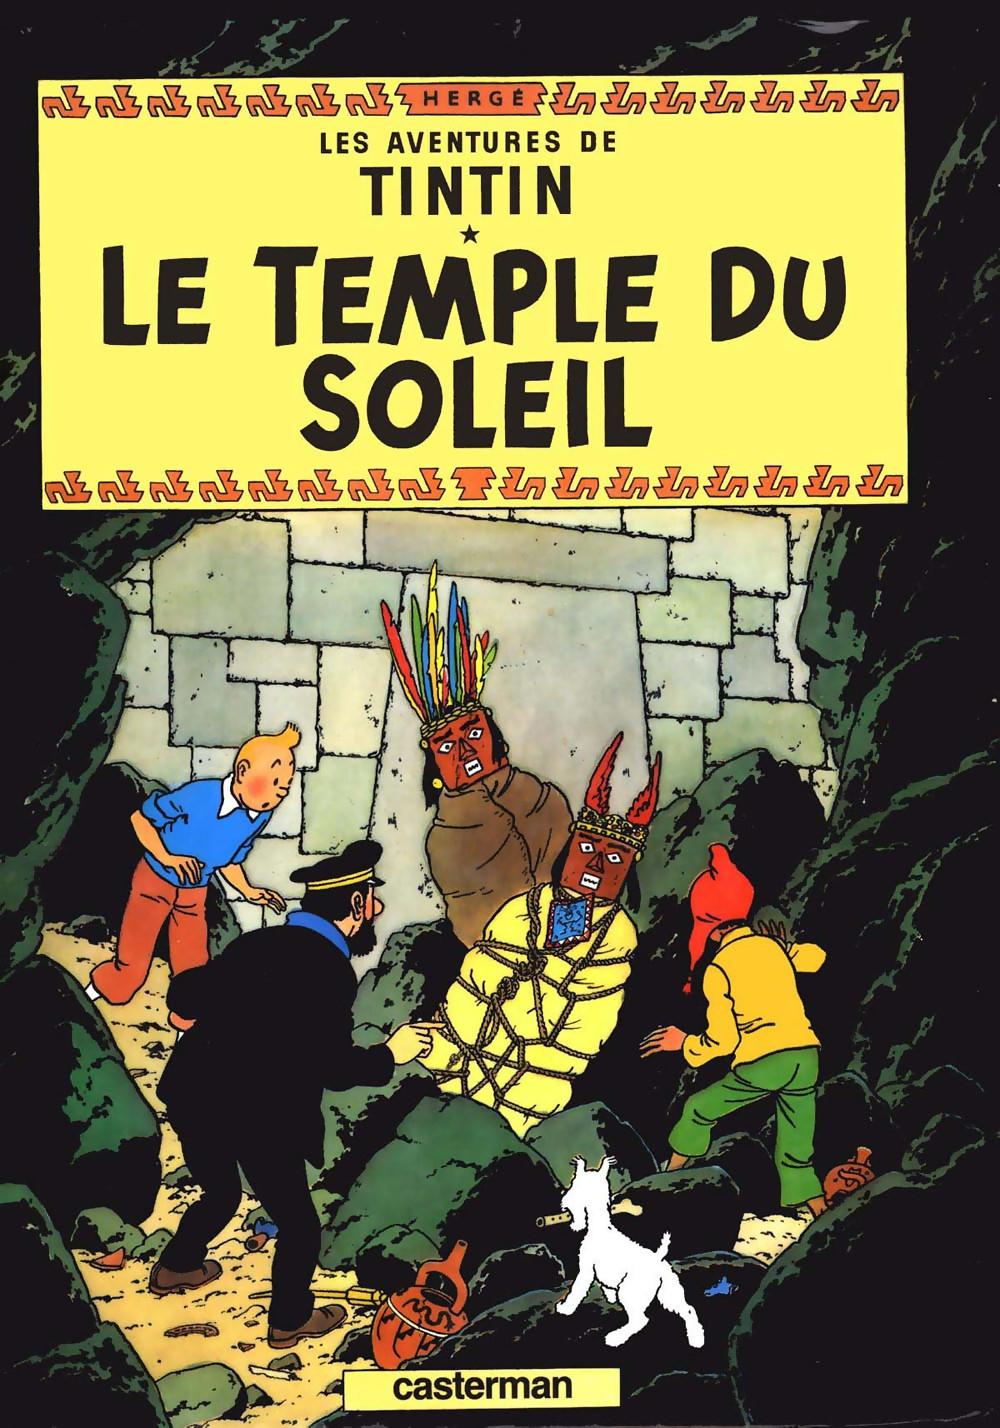 les-aventures-de-tintin-2-le-temple-du-soleil-affiche-55829ef756eed.jpg